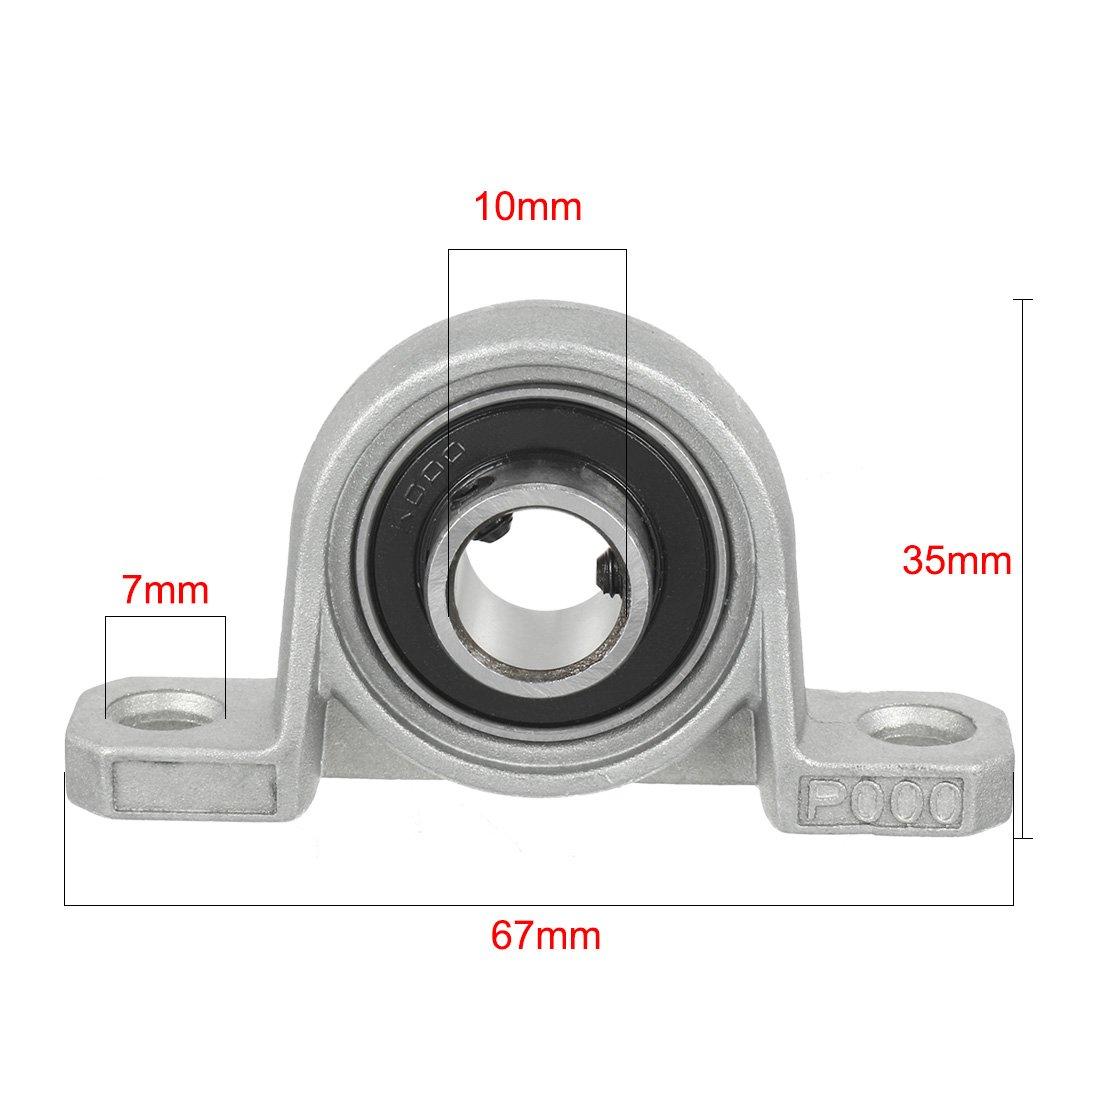 sourcing map 2pcs KP000 10mm Bore Zinc Alloy Inner Ball Mounted Pillow Block Insert Bearing